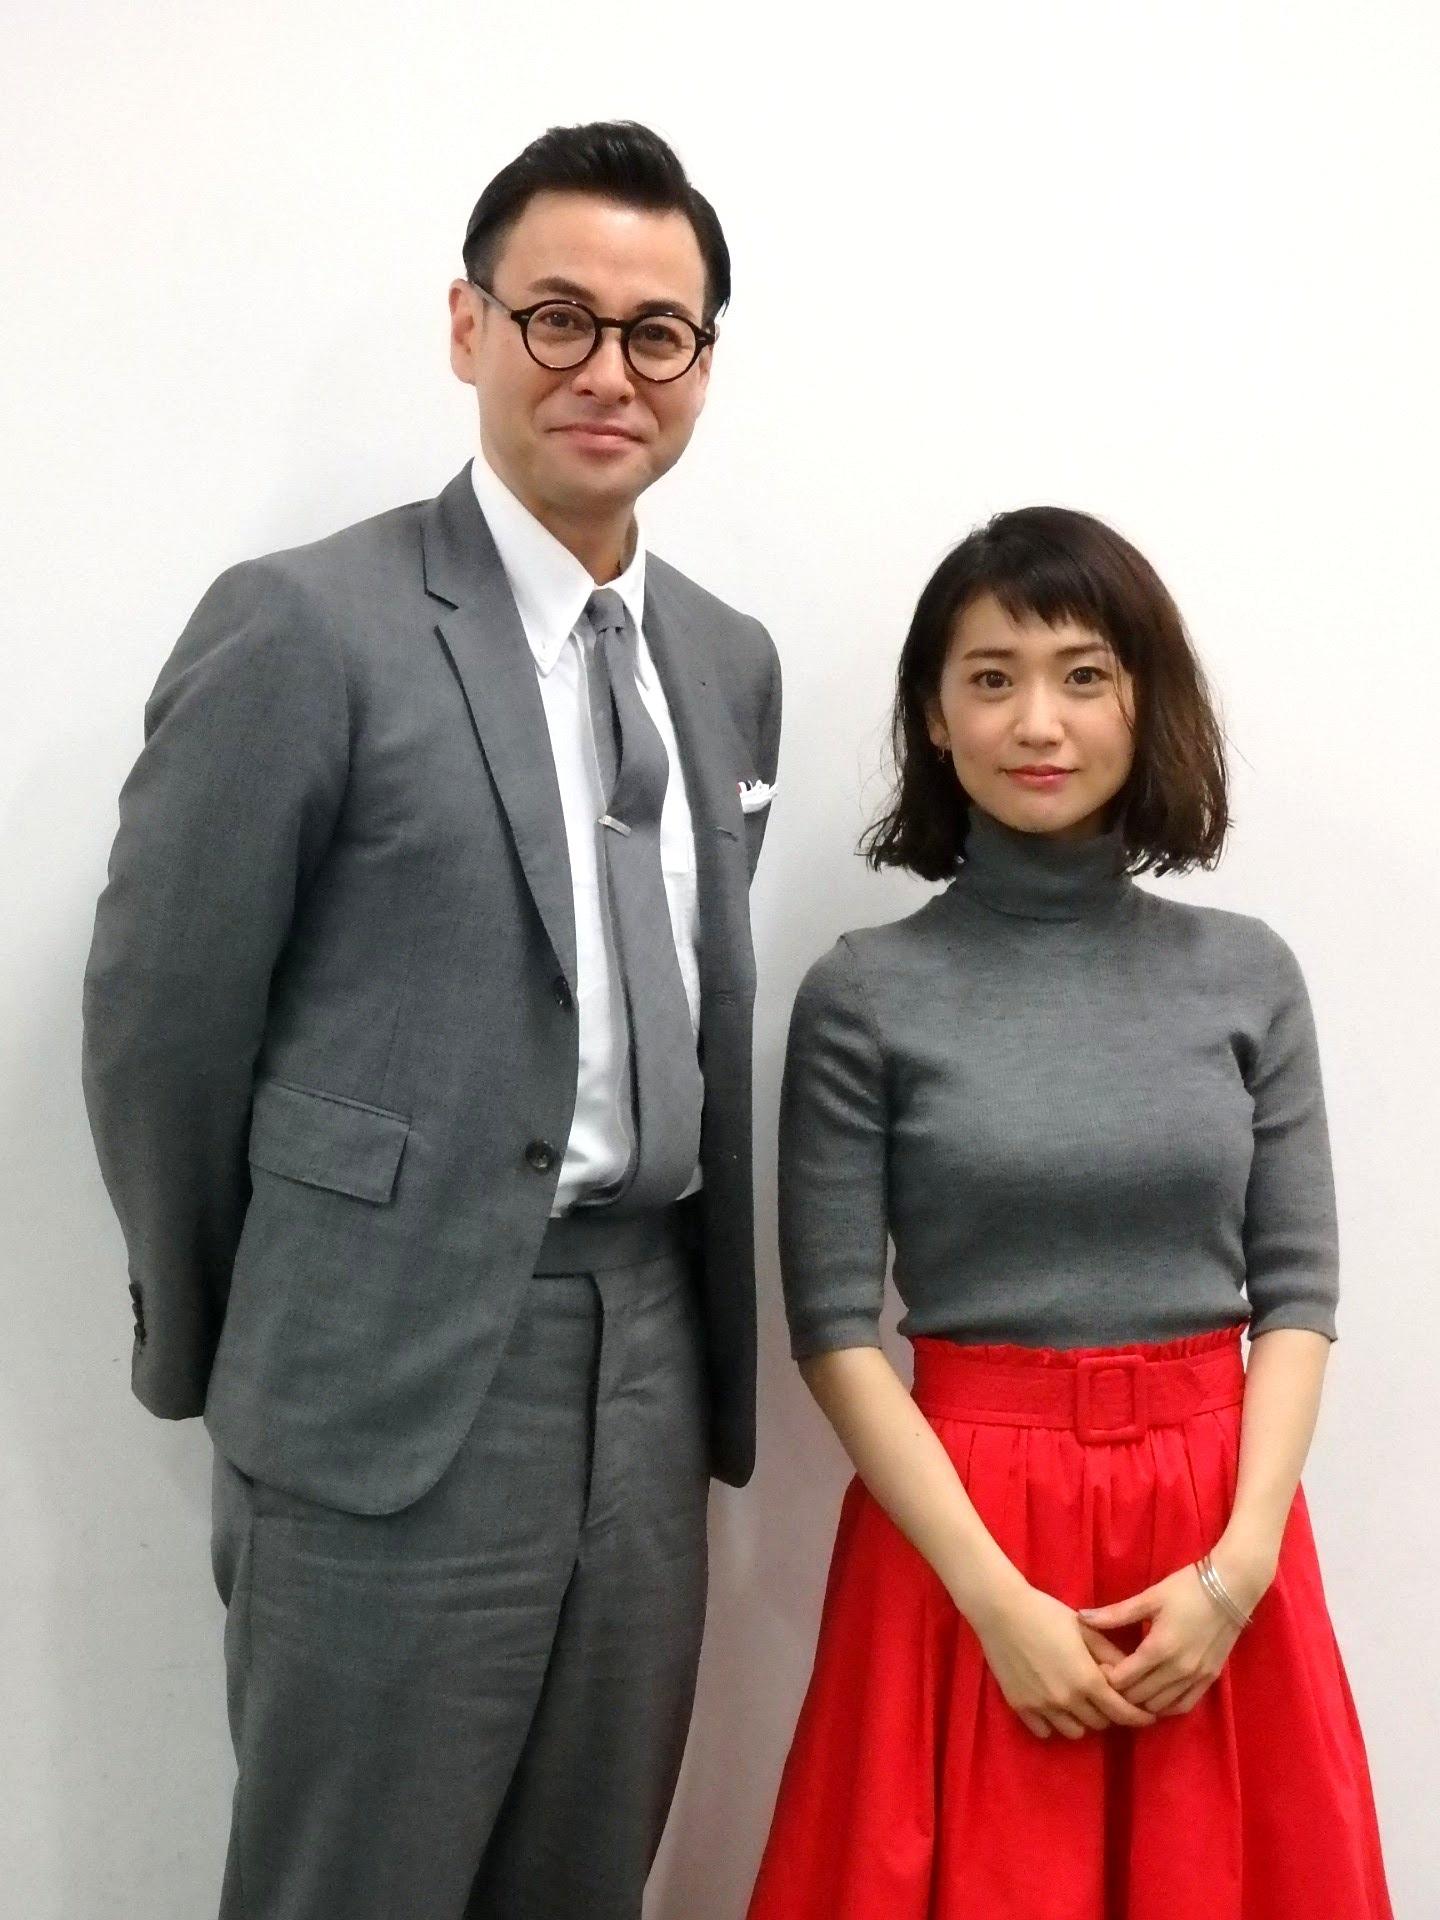 『美幸 ―アンコンディショナルラブ―』鈴木浩介と大島優子